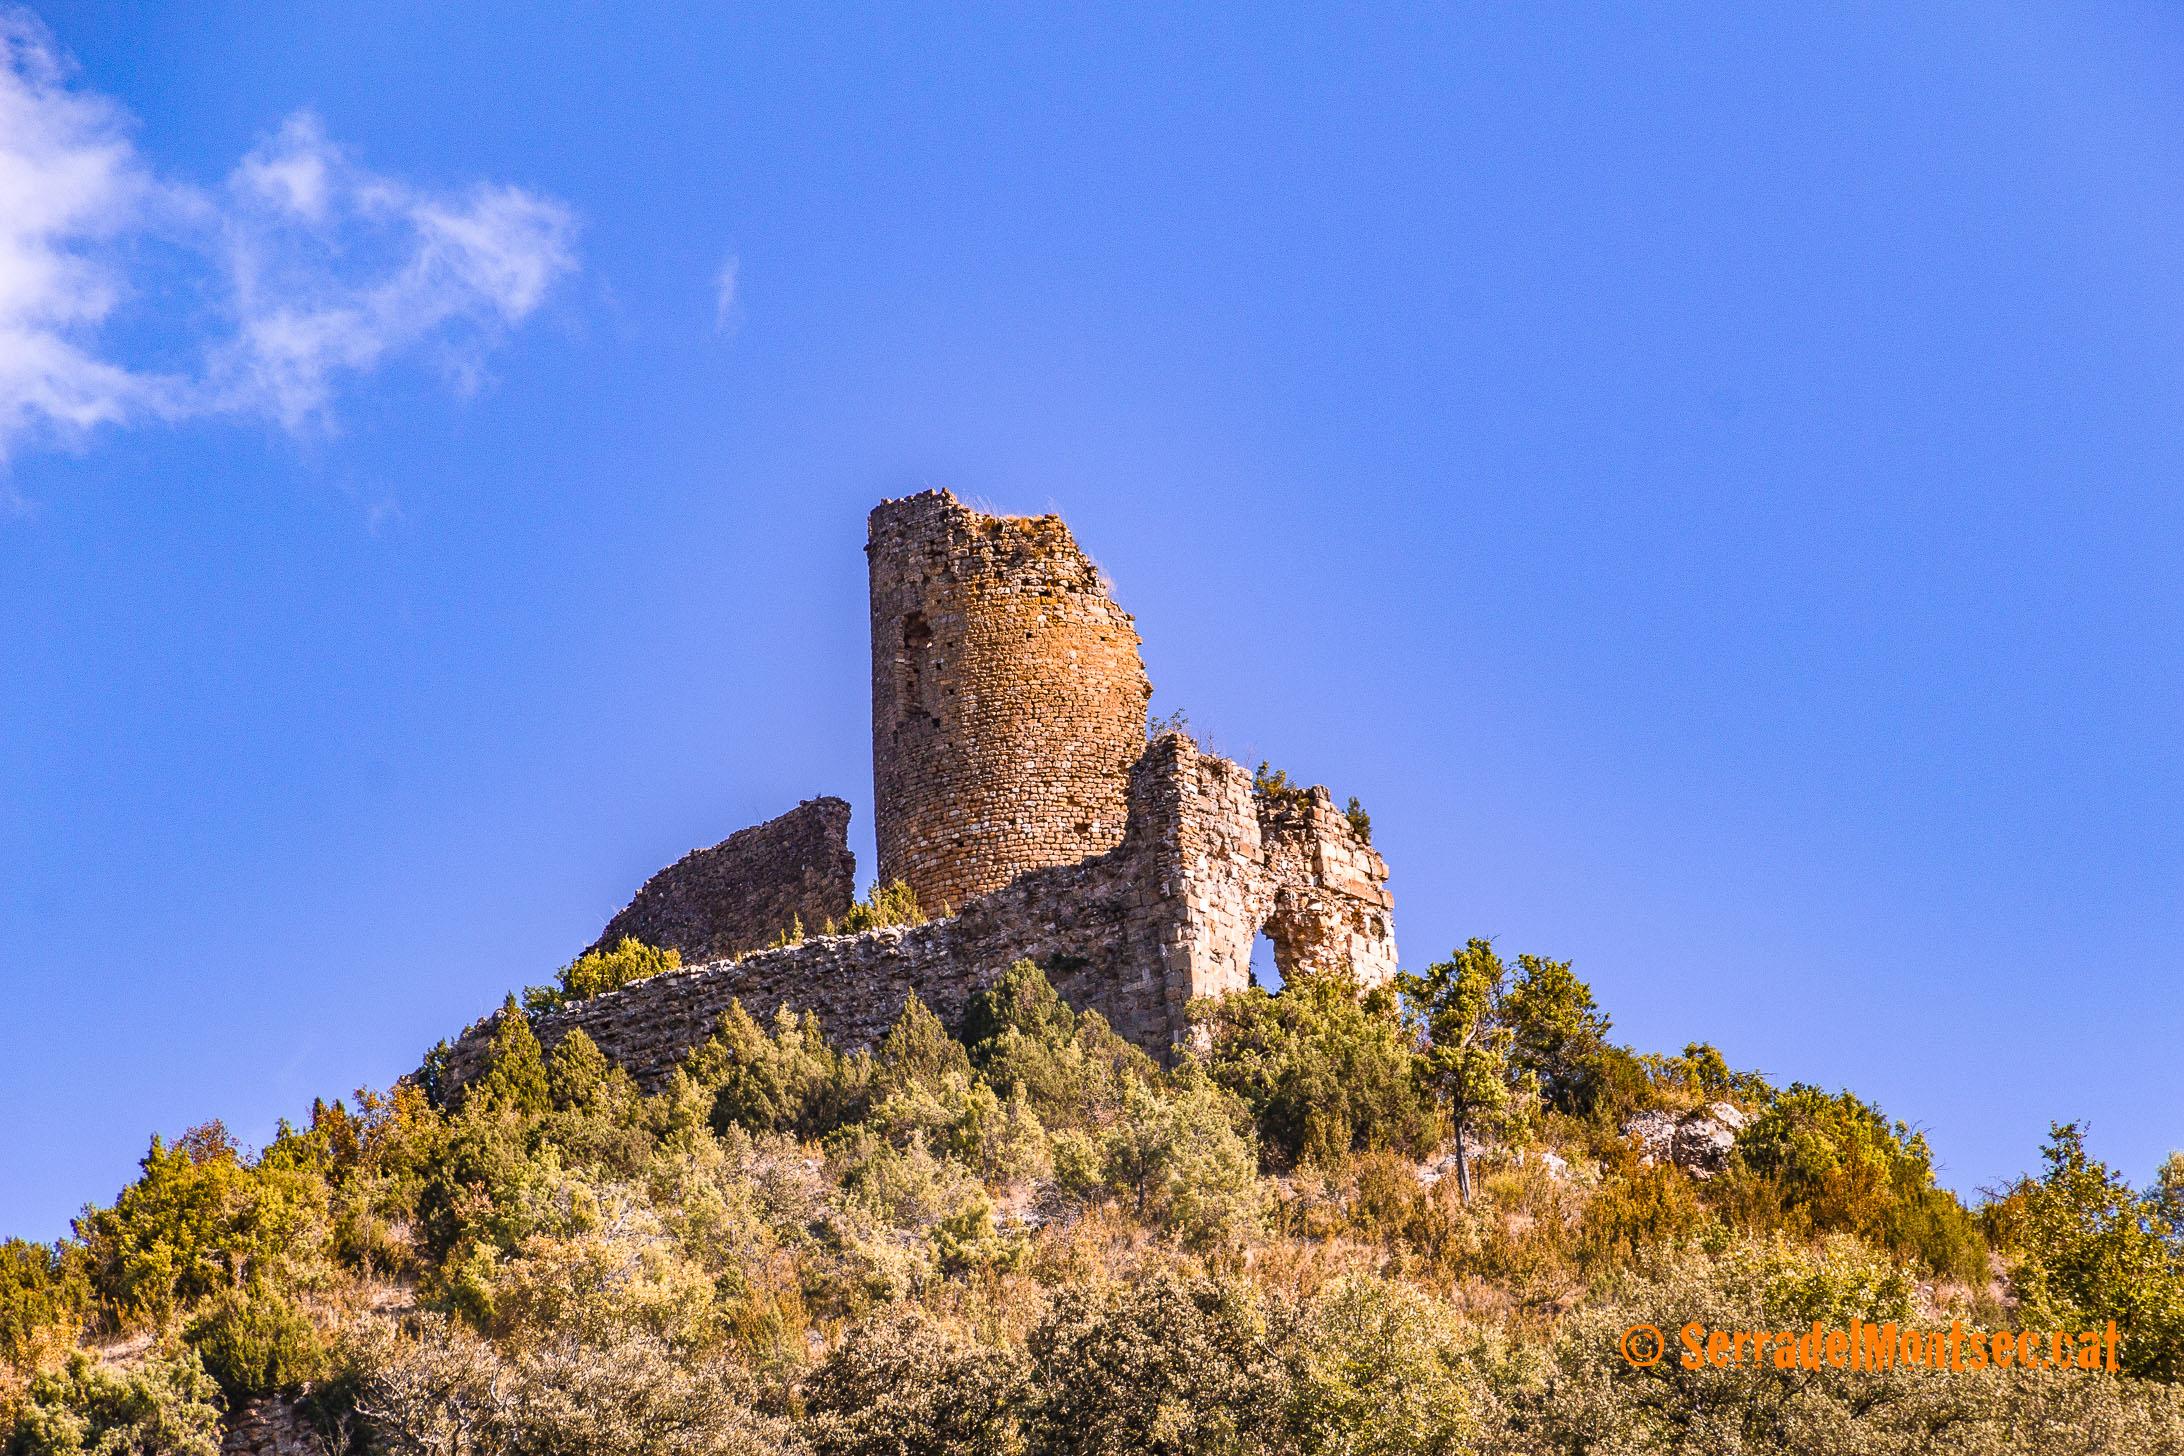 Castell de Falç i els restes de l'antiga església de Sant Just i Sant Pastor de Falç. Tolba, Ribagorça. Osca, Aragó. Montsec d'Estall.